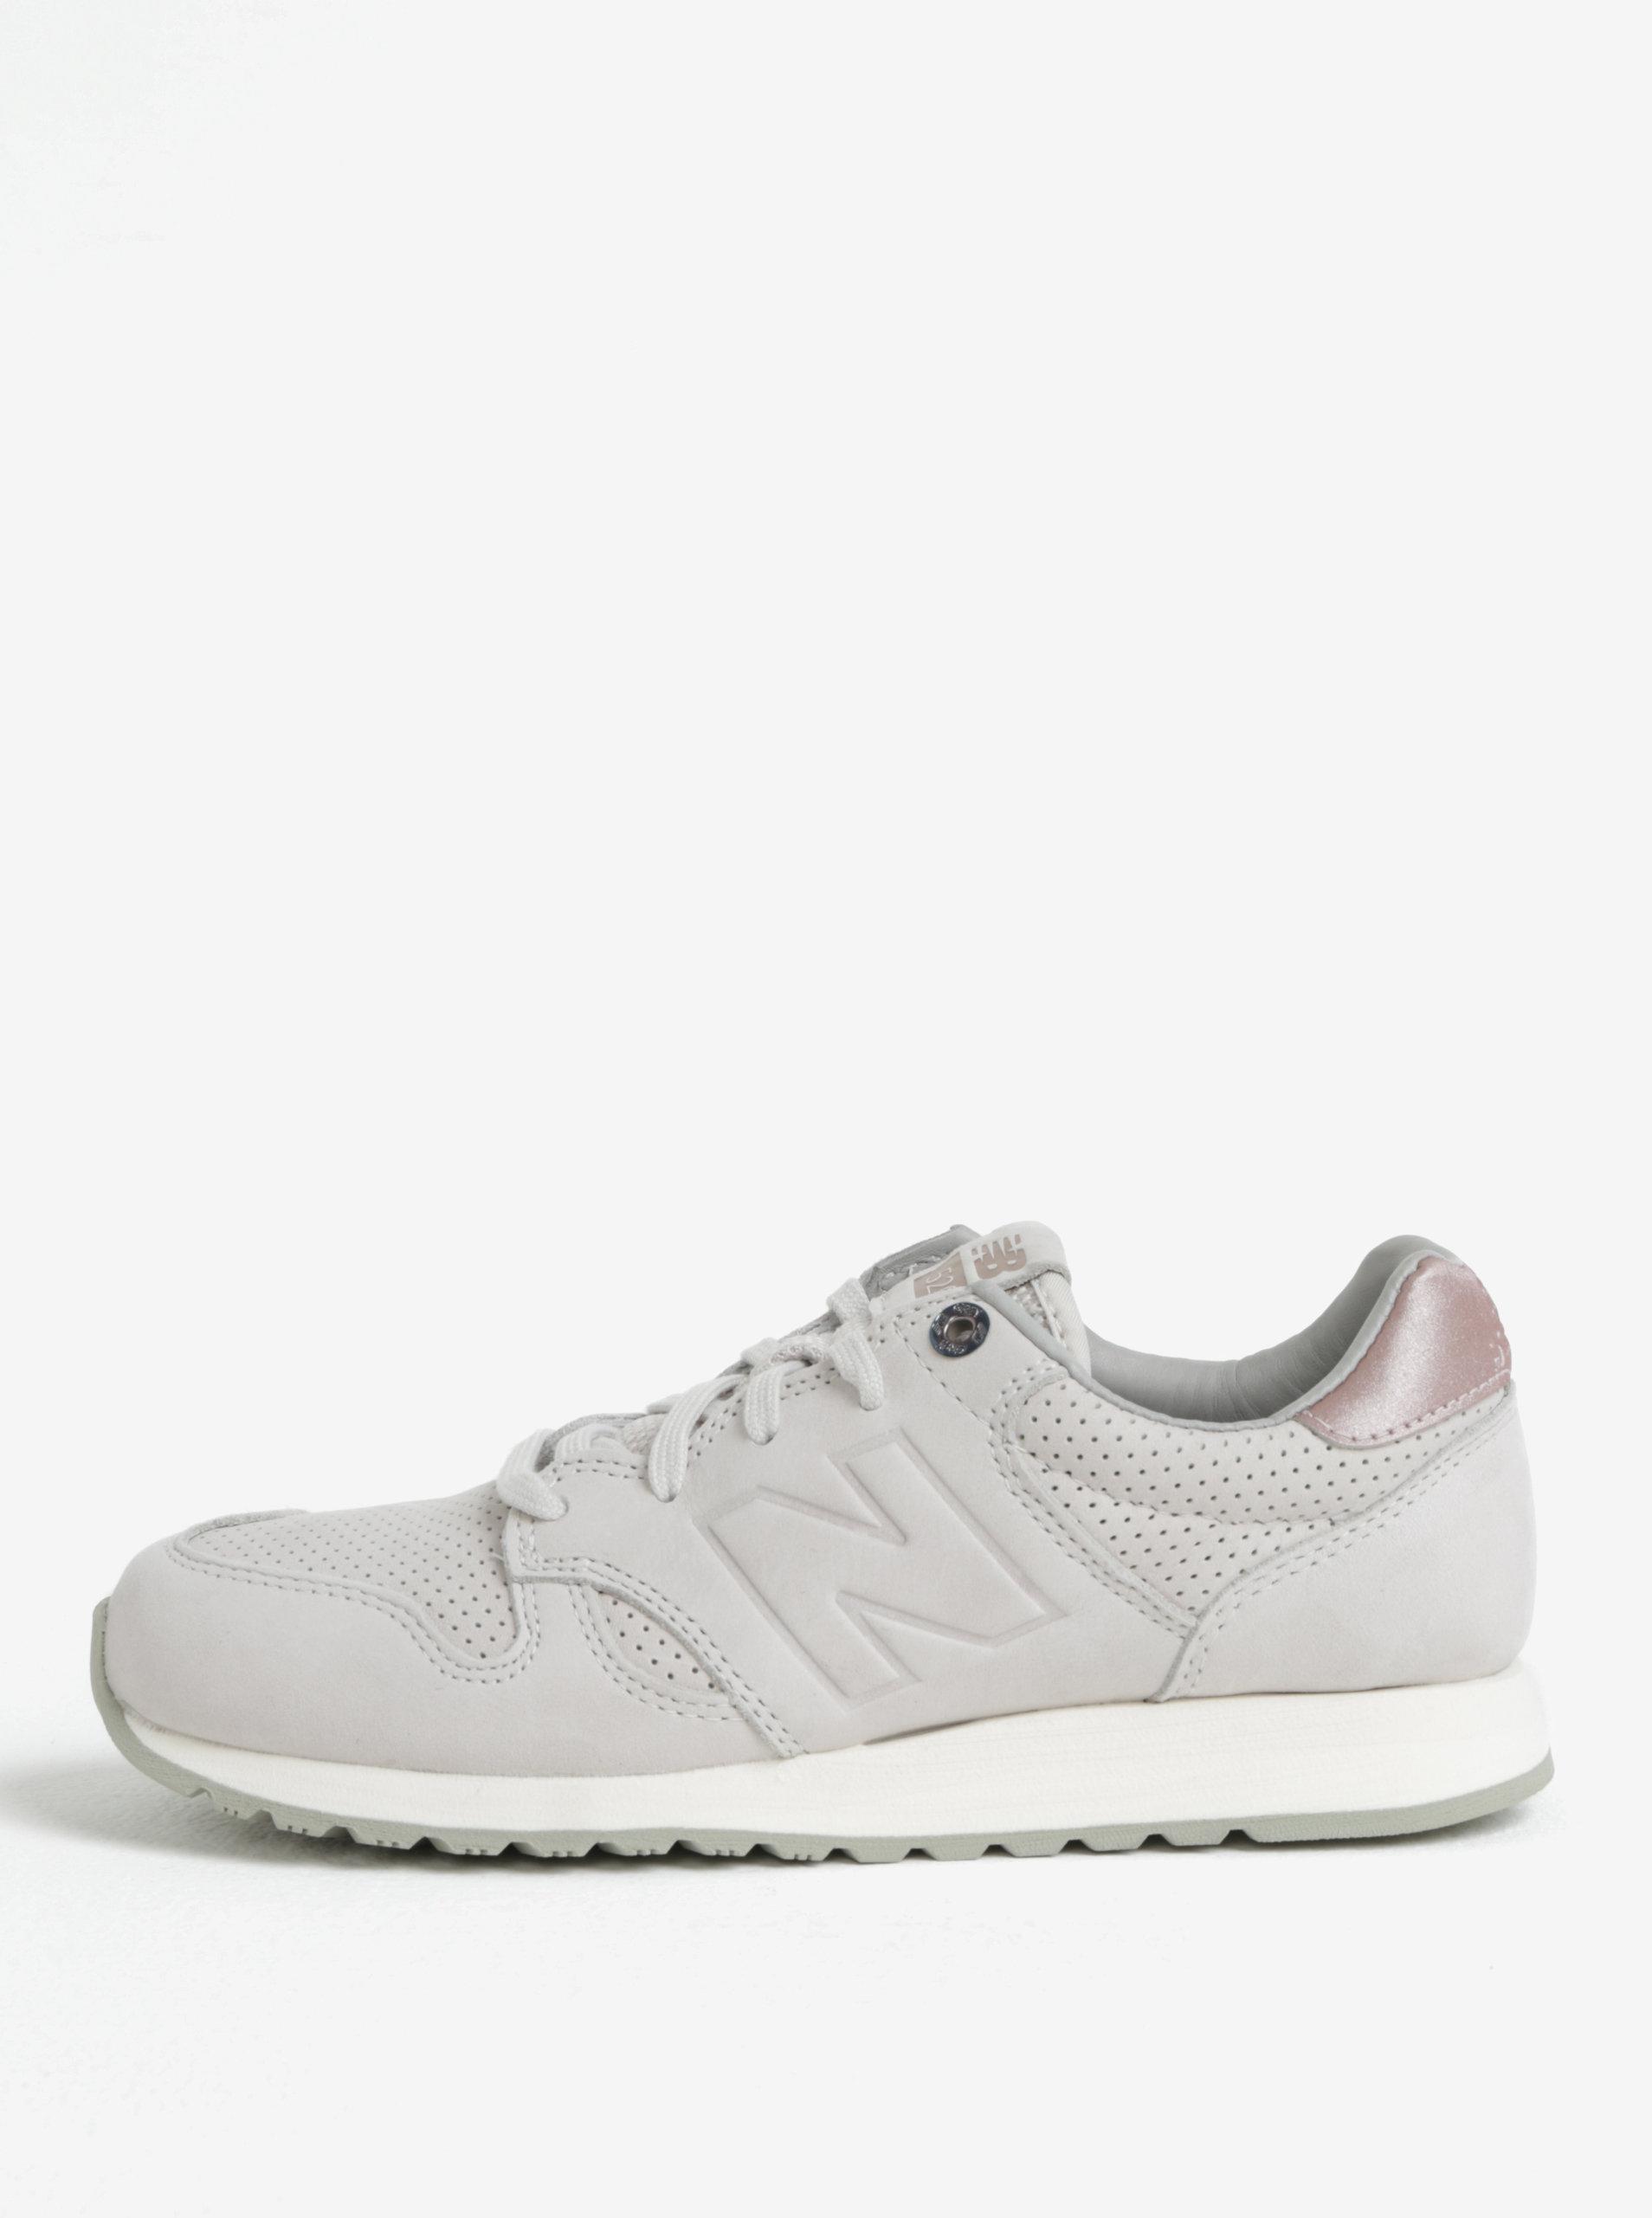 581185e4481b Ružovo-sivé dámske semišové tenisky New Balance 520 ...